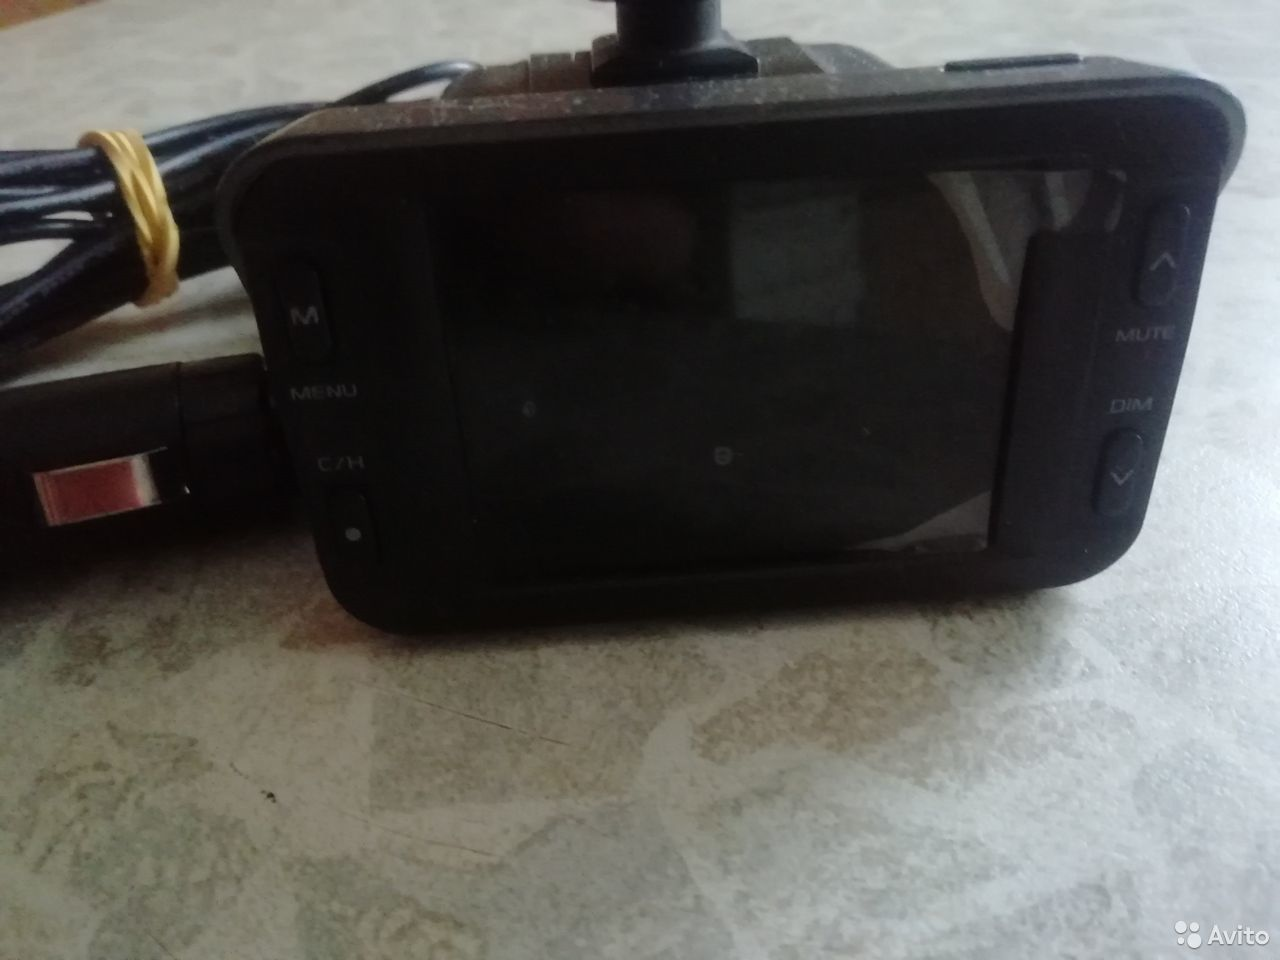 Автомобильный видеорегистратор Inspector Marlin  89231912777 купить 1